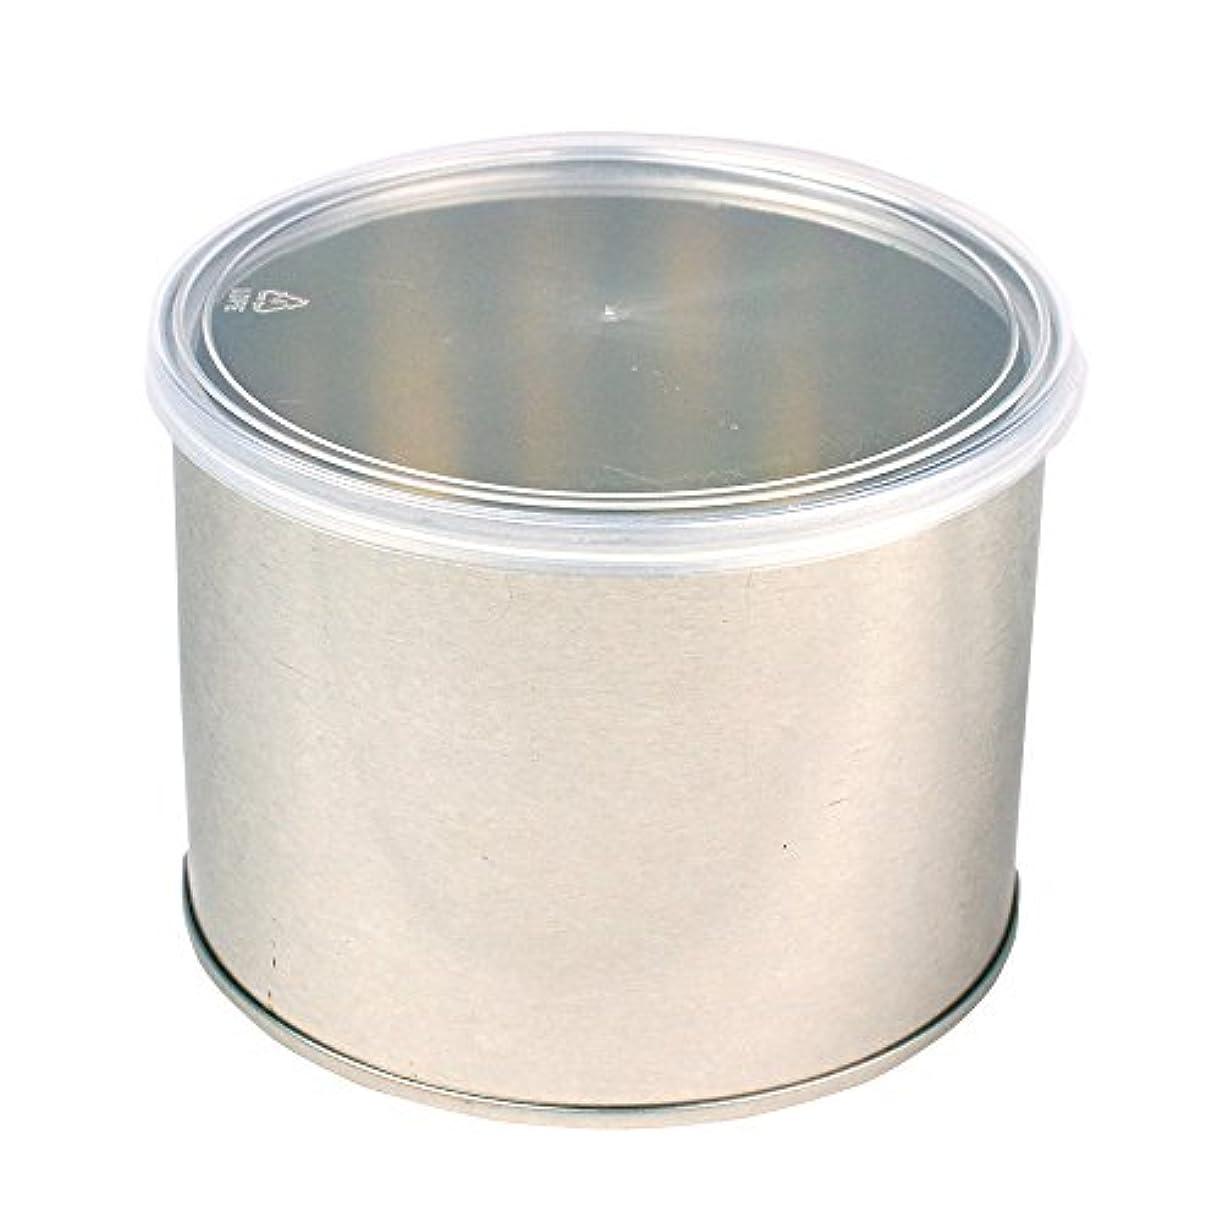 輸血人生を作るキャップワックス脱毛用スチール缶 ハード?ソフト両用 キャップ付 1個(032-1) ブラジリアンワックス